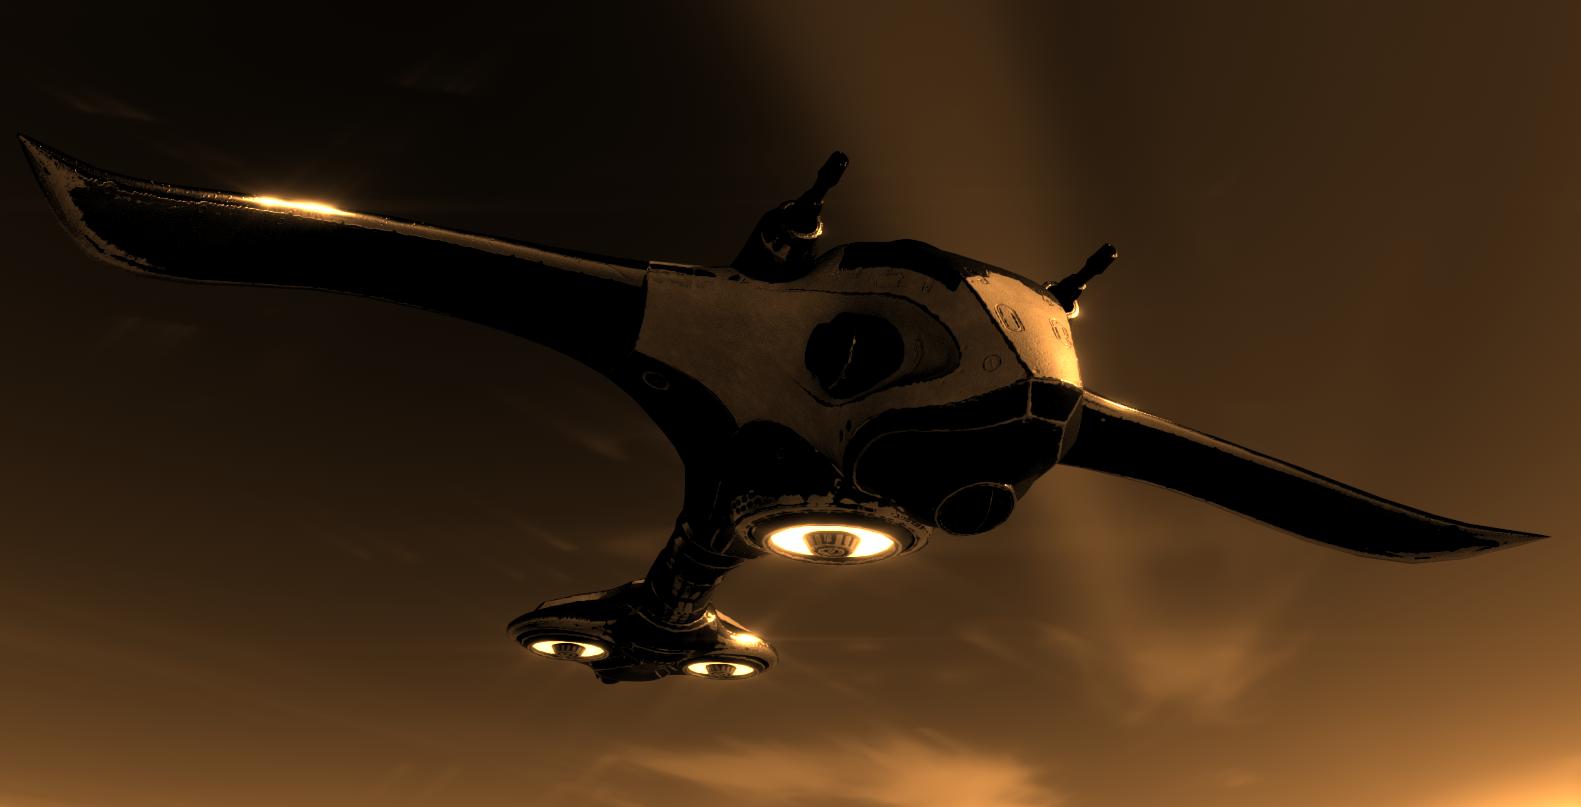 Concept Drone